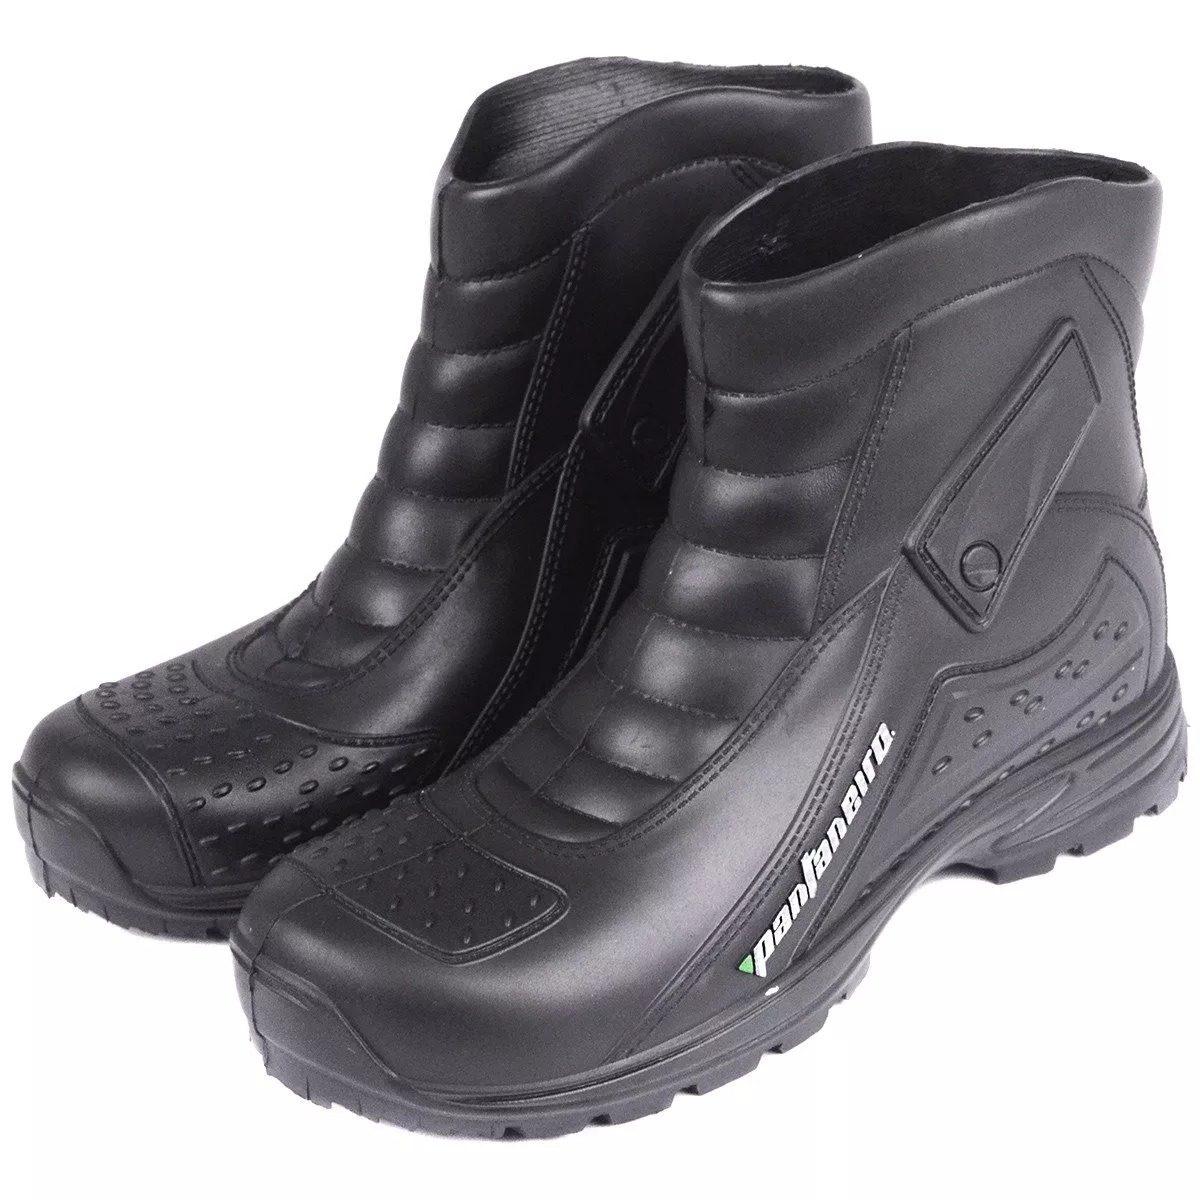 2220dcb5e16 bota de chuva pantaneiro cano curto refletivo -tamanho 35 36. Carregando  zoom.